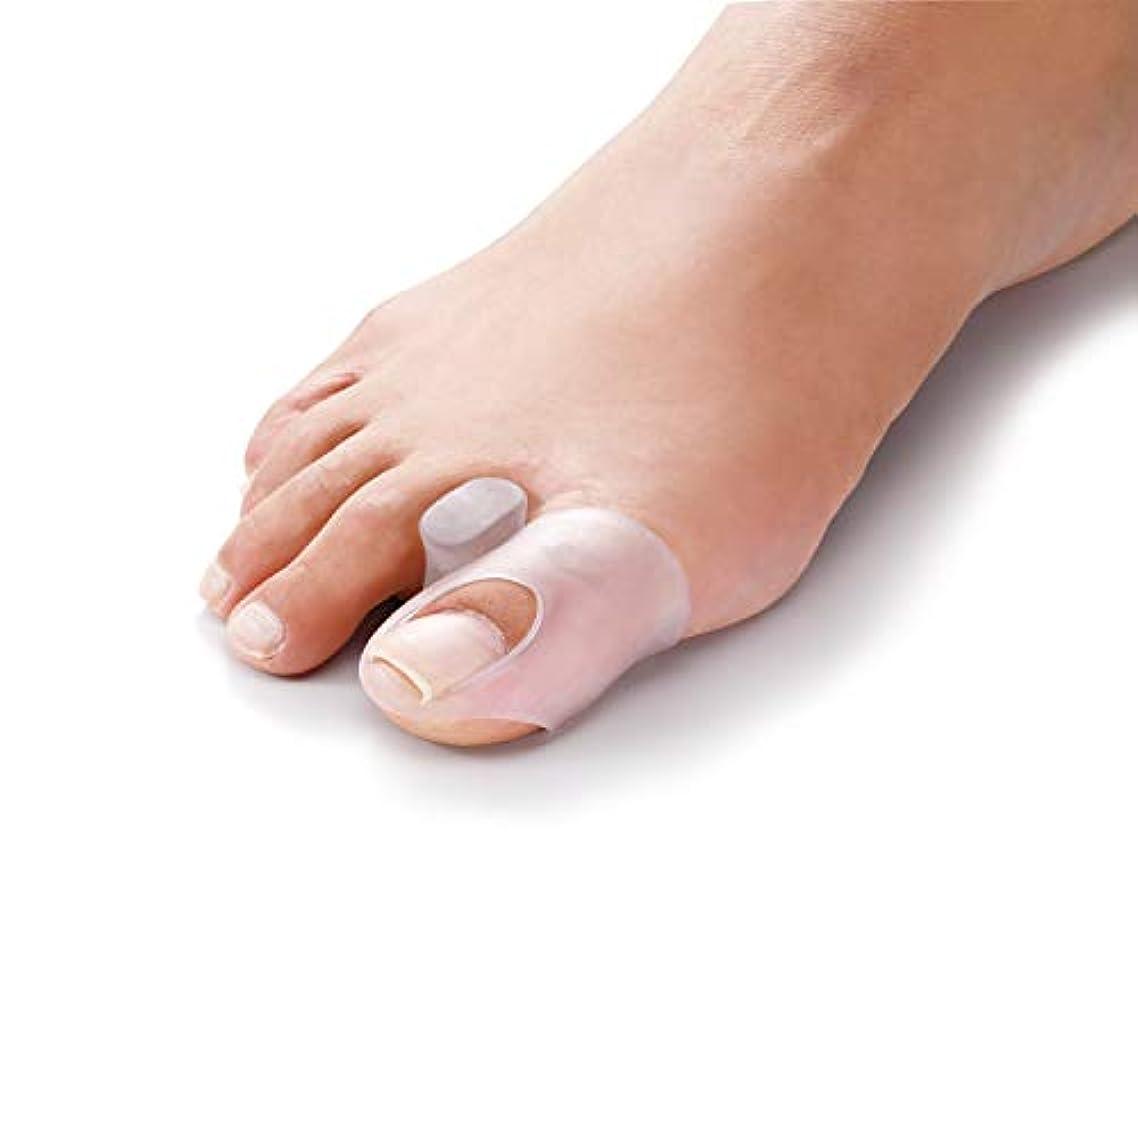 十分に疎外準拠やわらゲル 外反巻き爪ゲルサック 巻き爪 外反母趾 変型爪